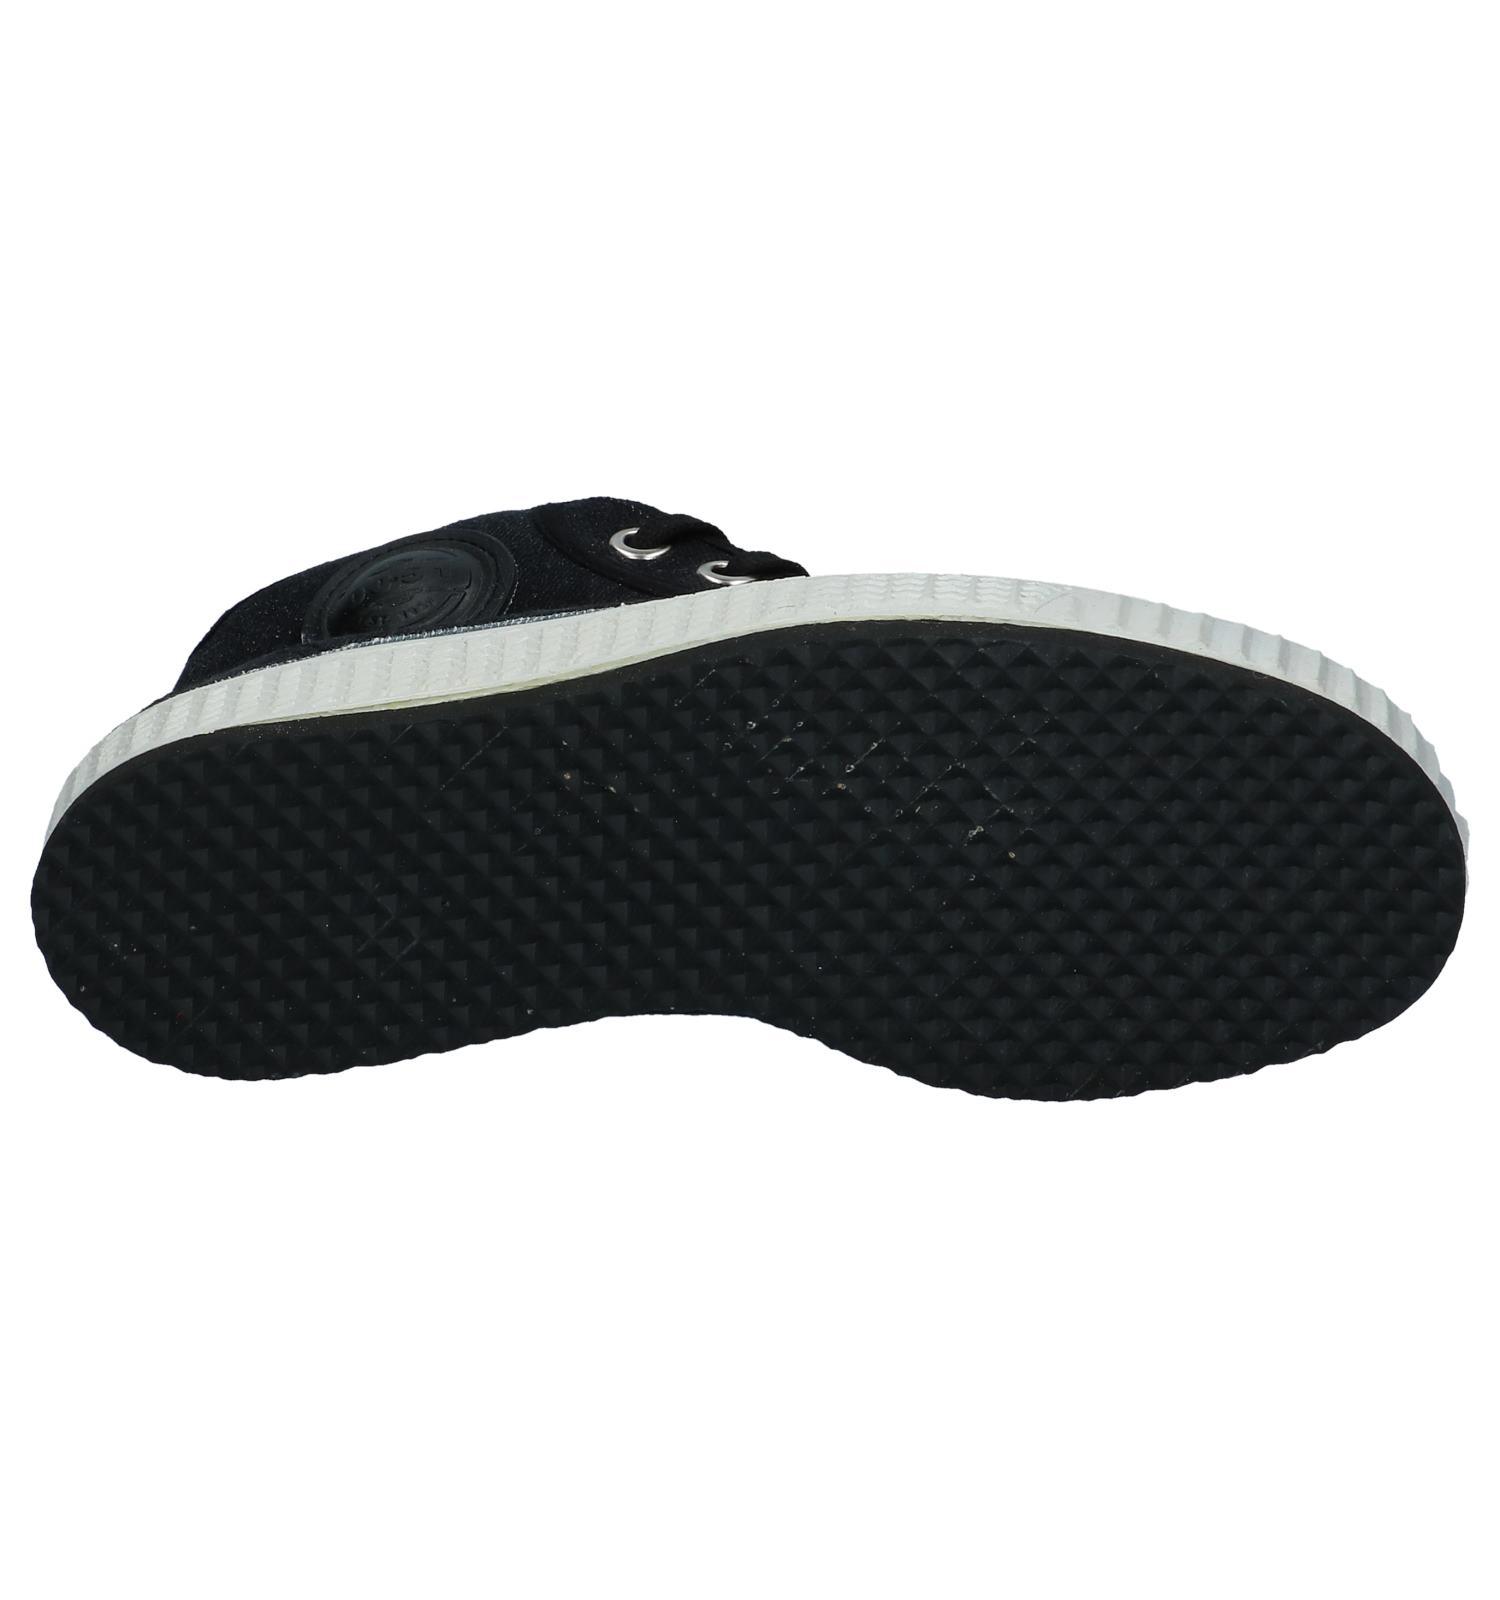 0051 Sneakers Hoge Jeans Hoge Sneakers Zwarte Zwarte 0051 Jeans Zwarte 5AR4jLq3